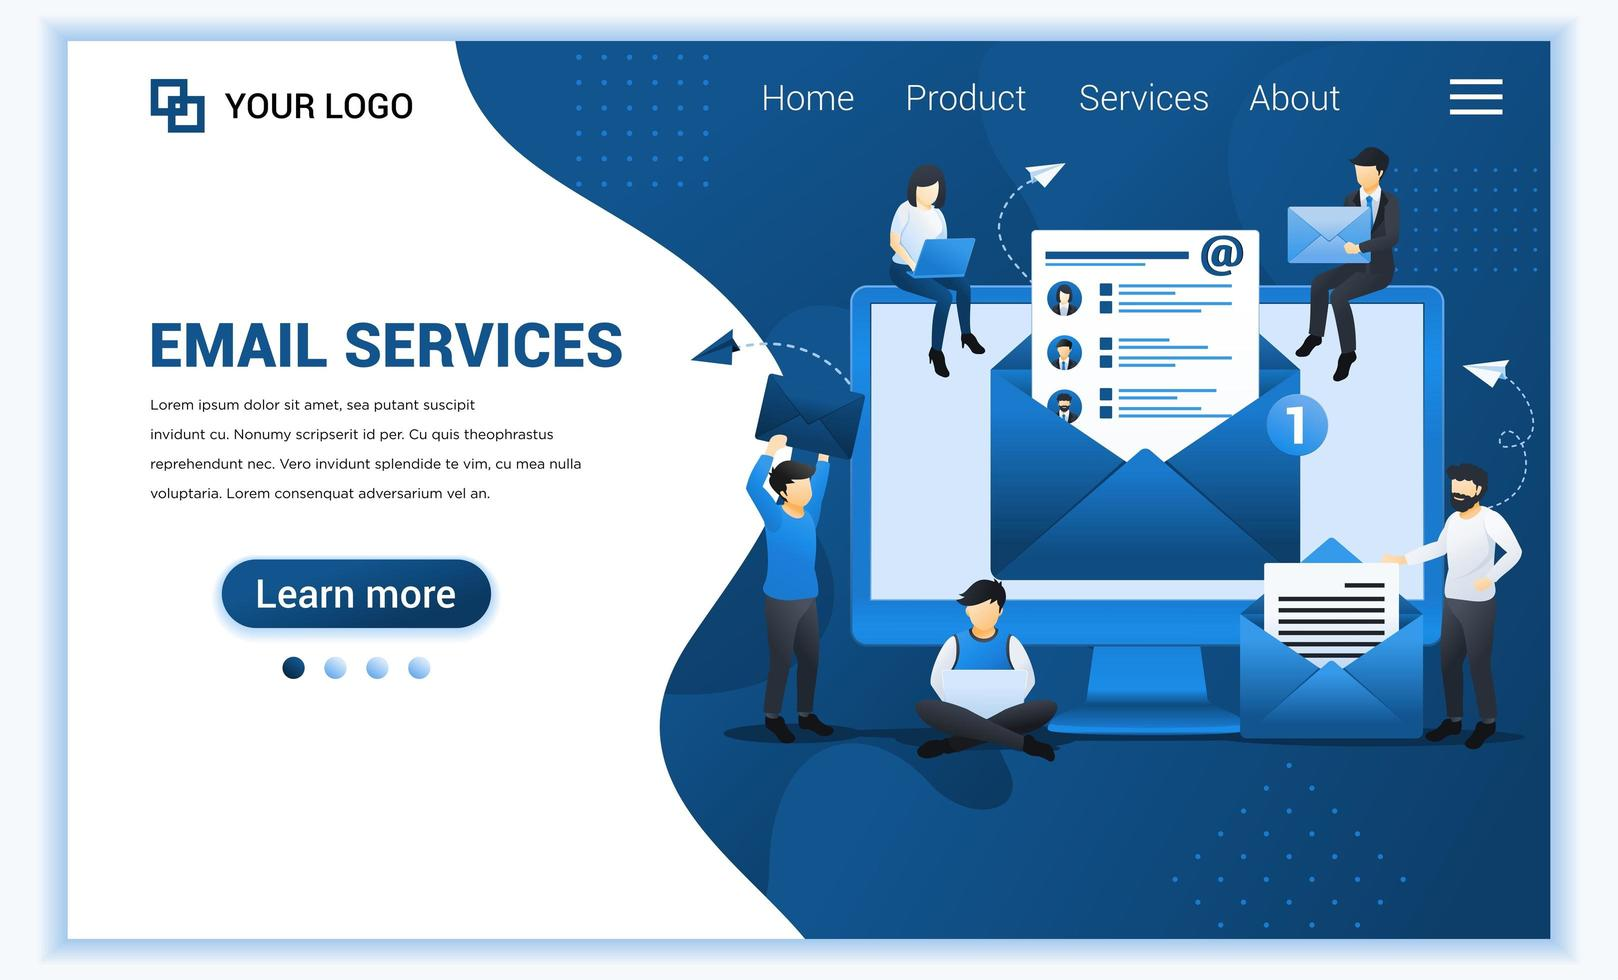 målsidesmall för e-postmarknadsföring, e-posttjänster med människor som arbetar på enheten. modernt platt webbdesignkoncept för webbplats och mobilwebbplats. vektor illustration